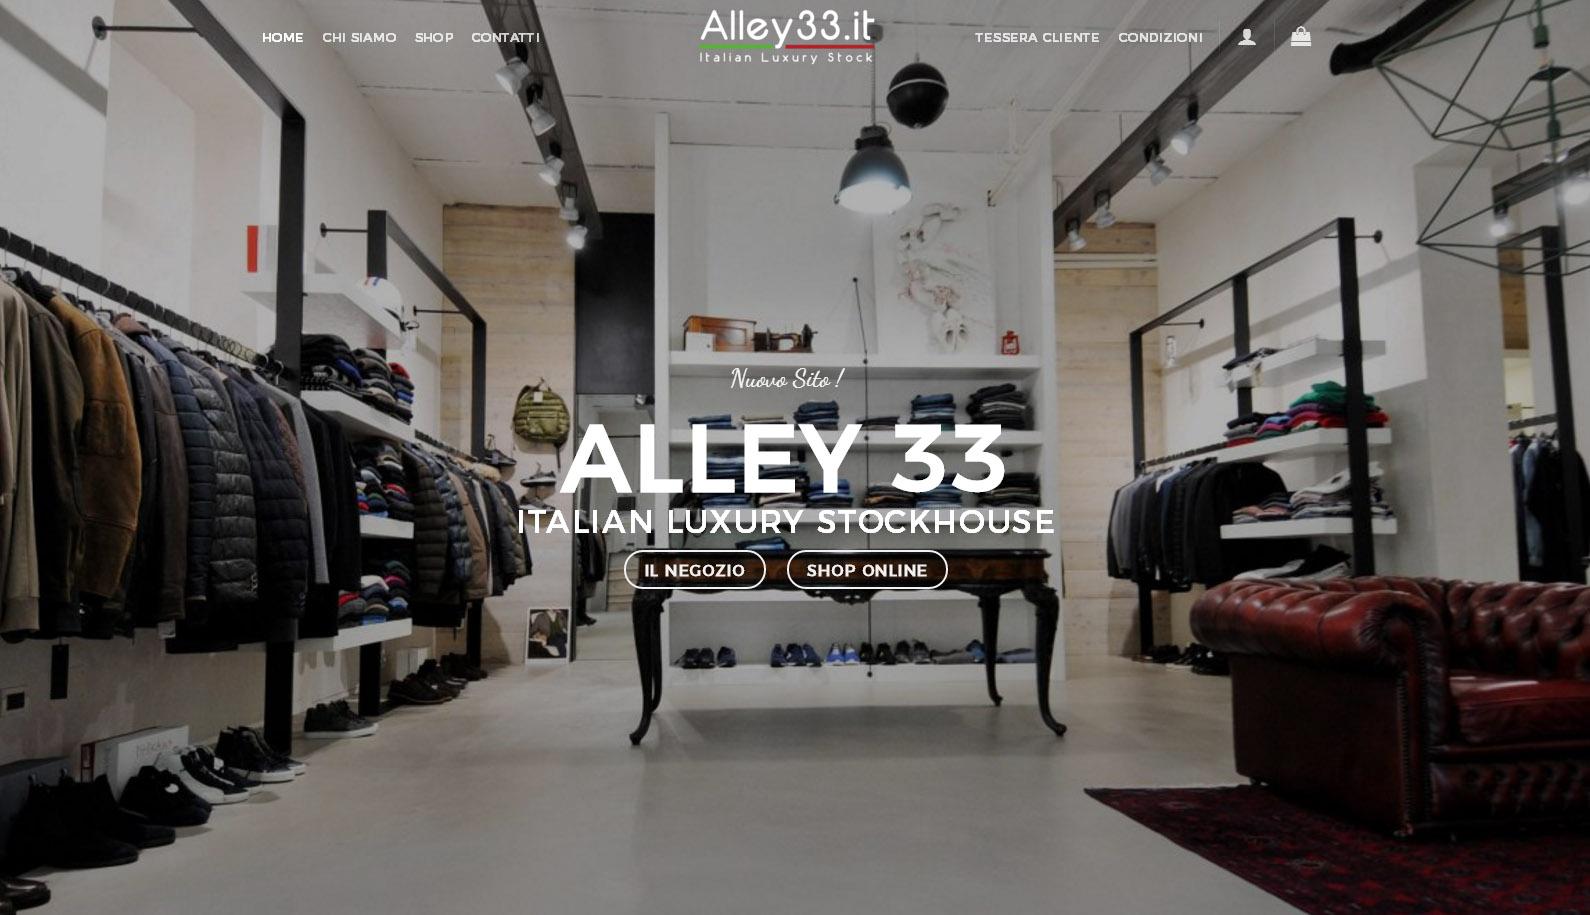 Alley33 – Sito web ecommerce – Marzo 2018